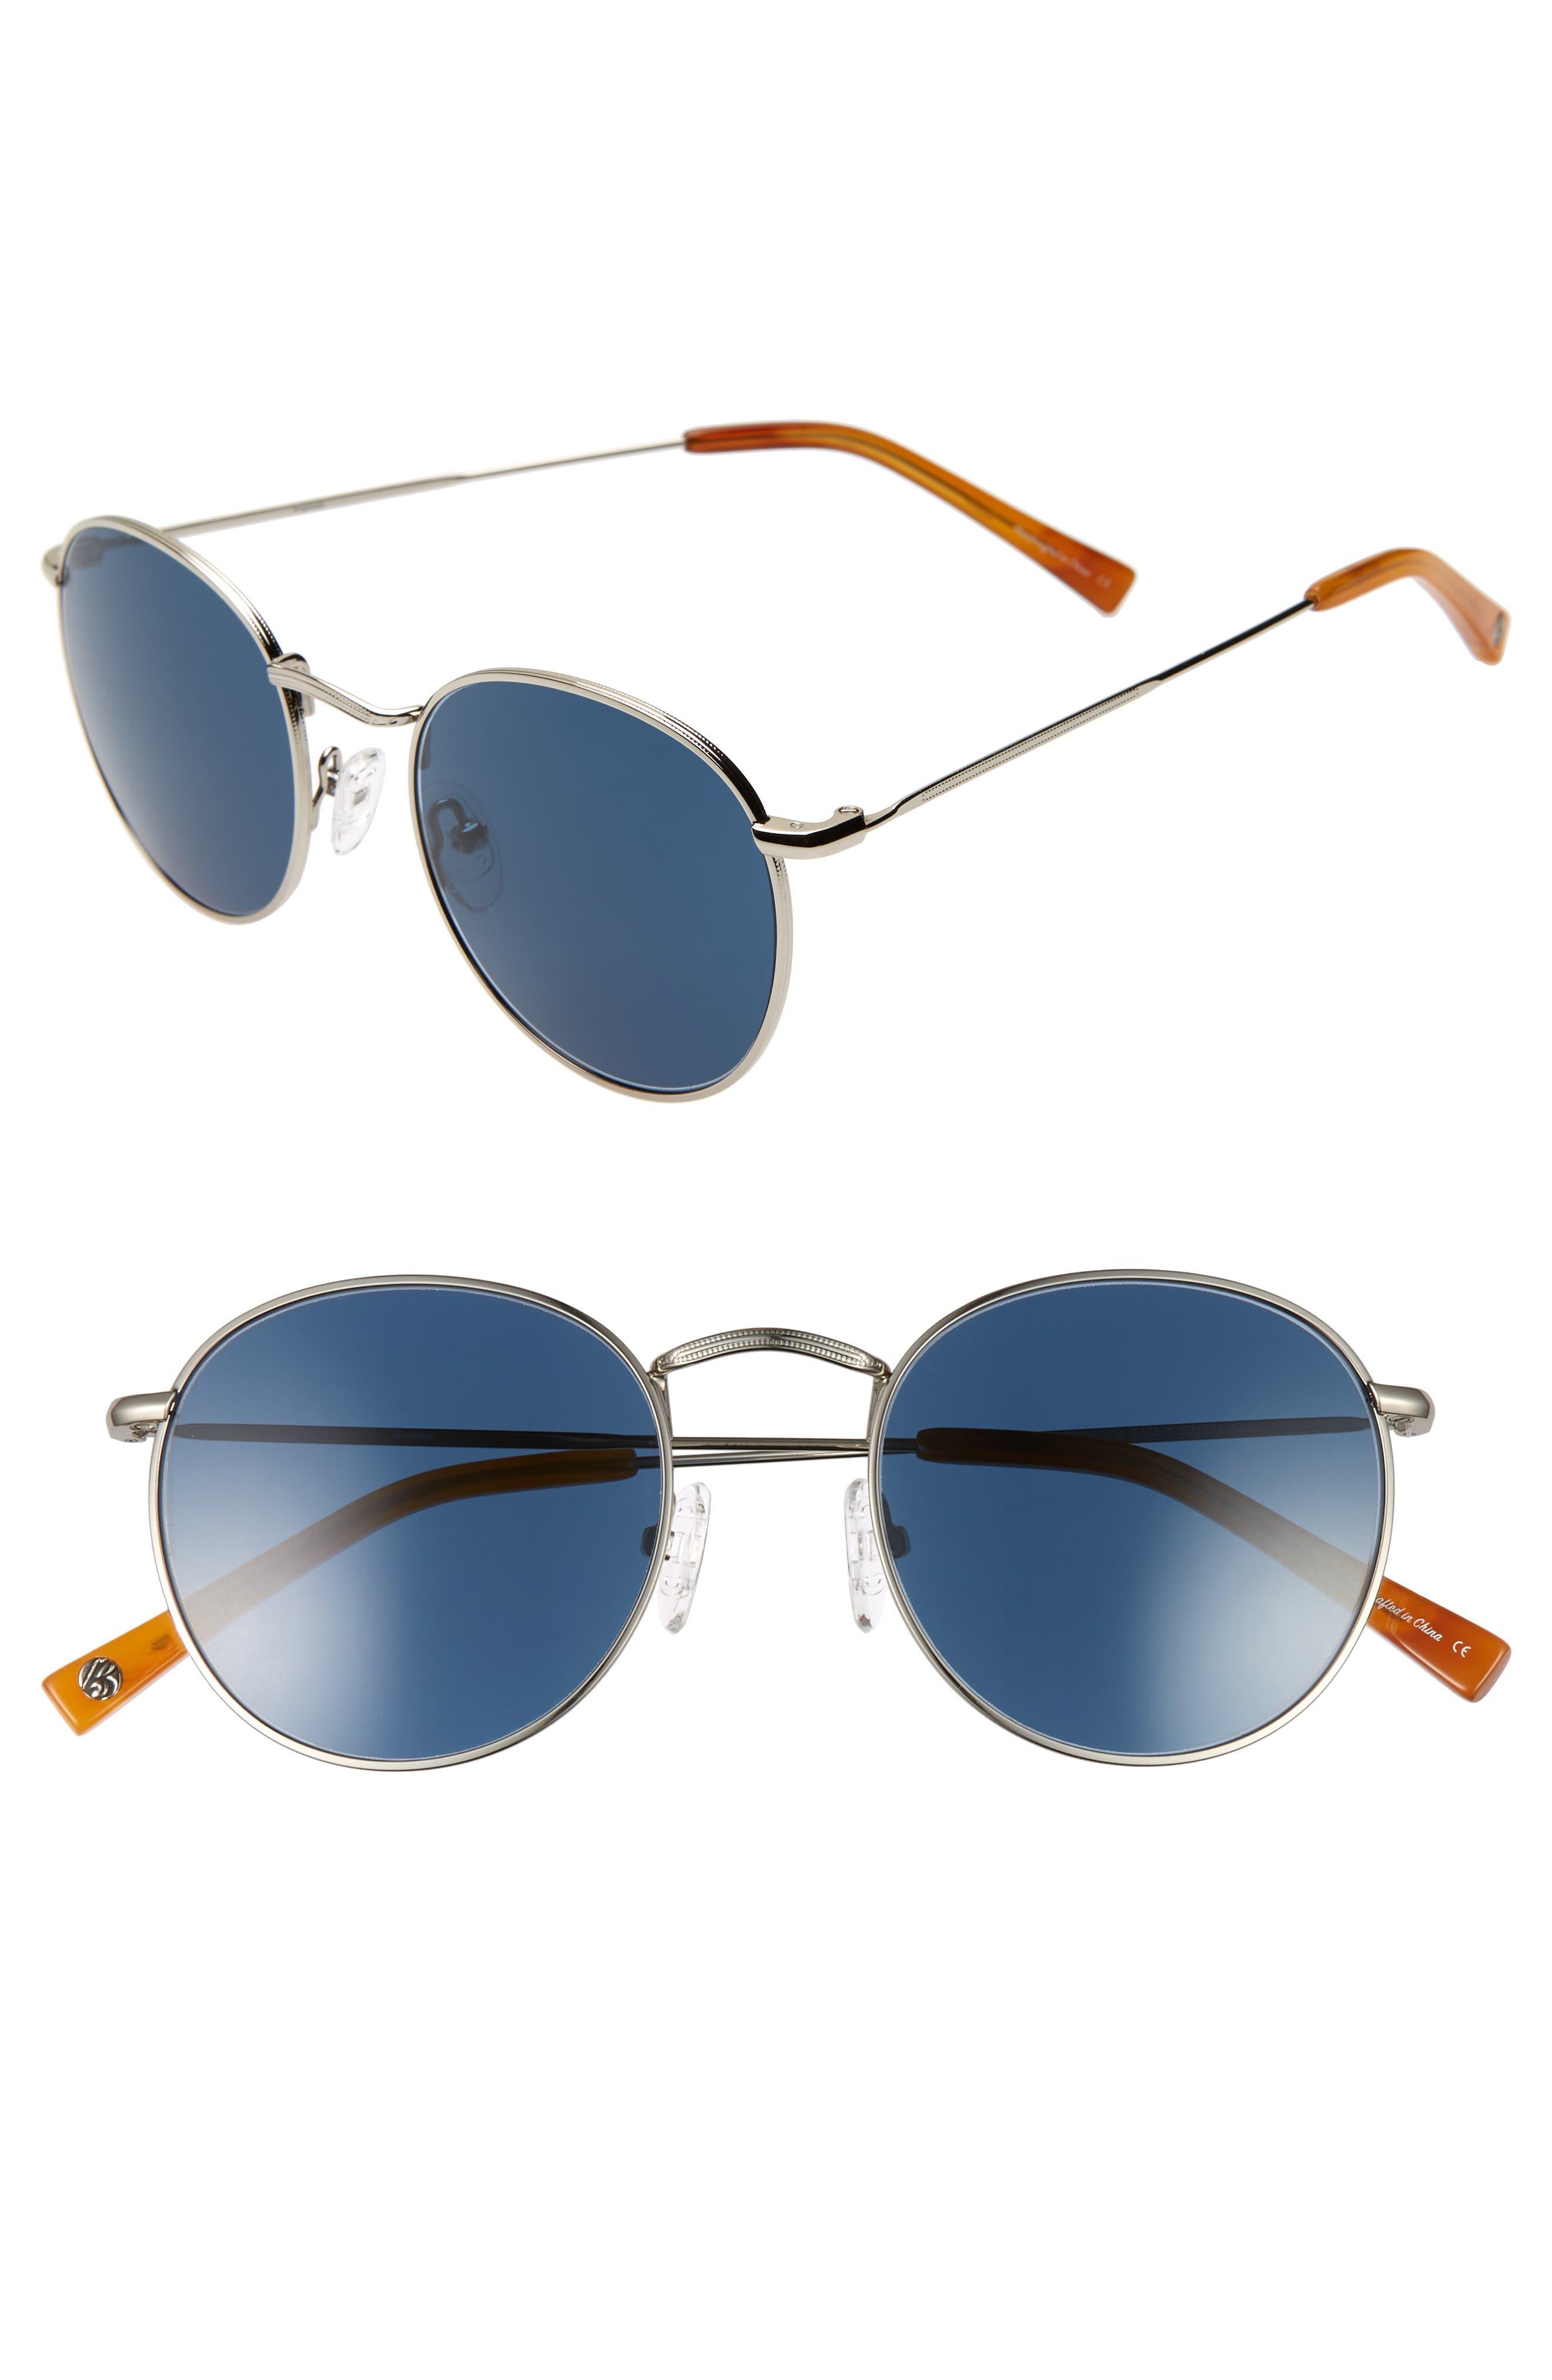 Charlie 50mm Mirrored Round Sunglasses